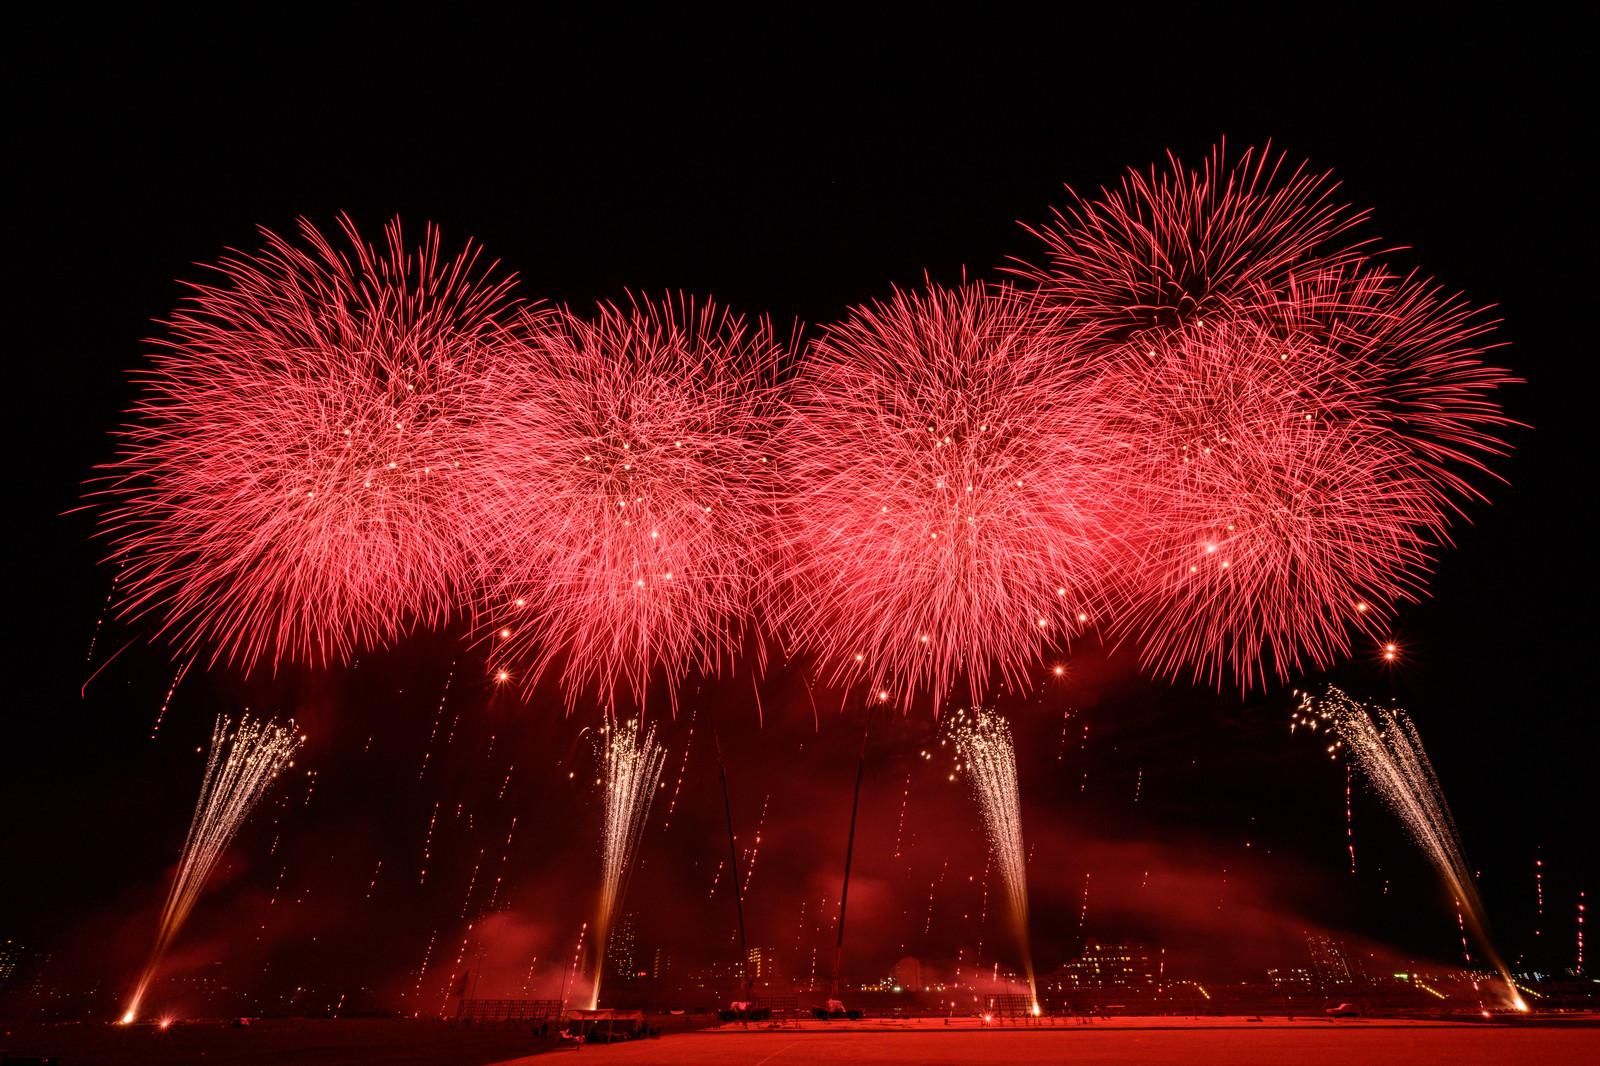 2020年の「かごしま錦江湾サマーナイト大花火大会」は名称・開催時期等を変更して【かごしまウィンターナイト大花火大会】日時 令和2年12月25日(金)または26日(土) 15分程度(時刻未定) イメージ画像